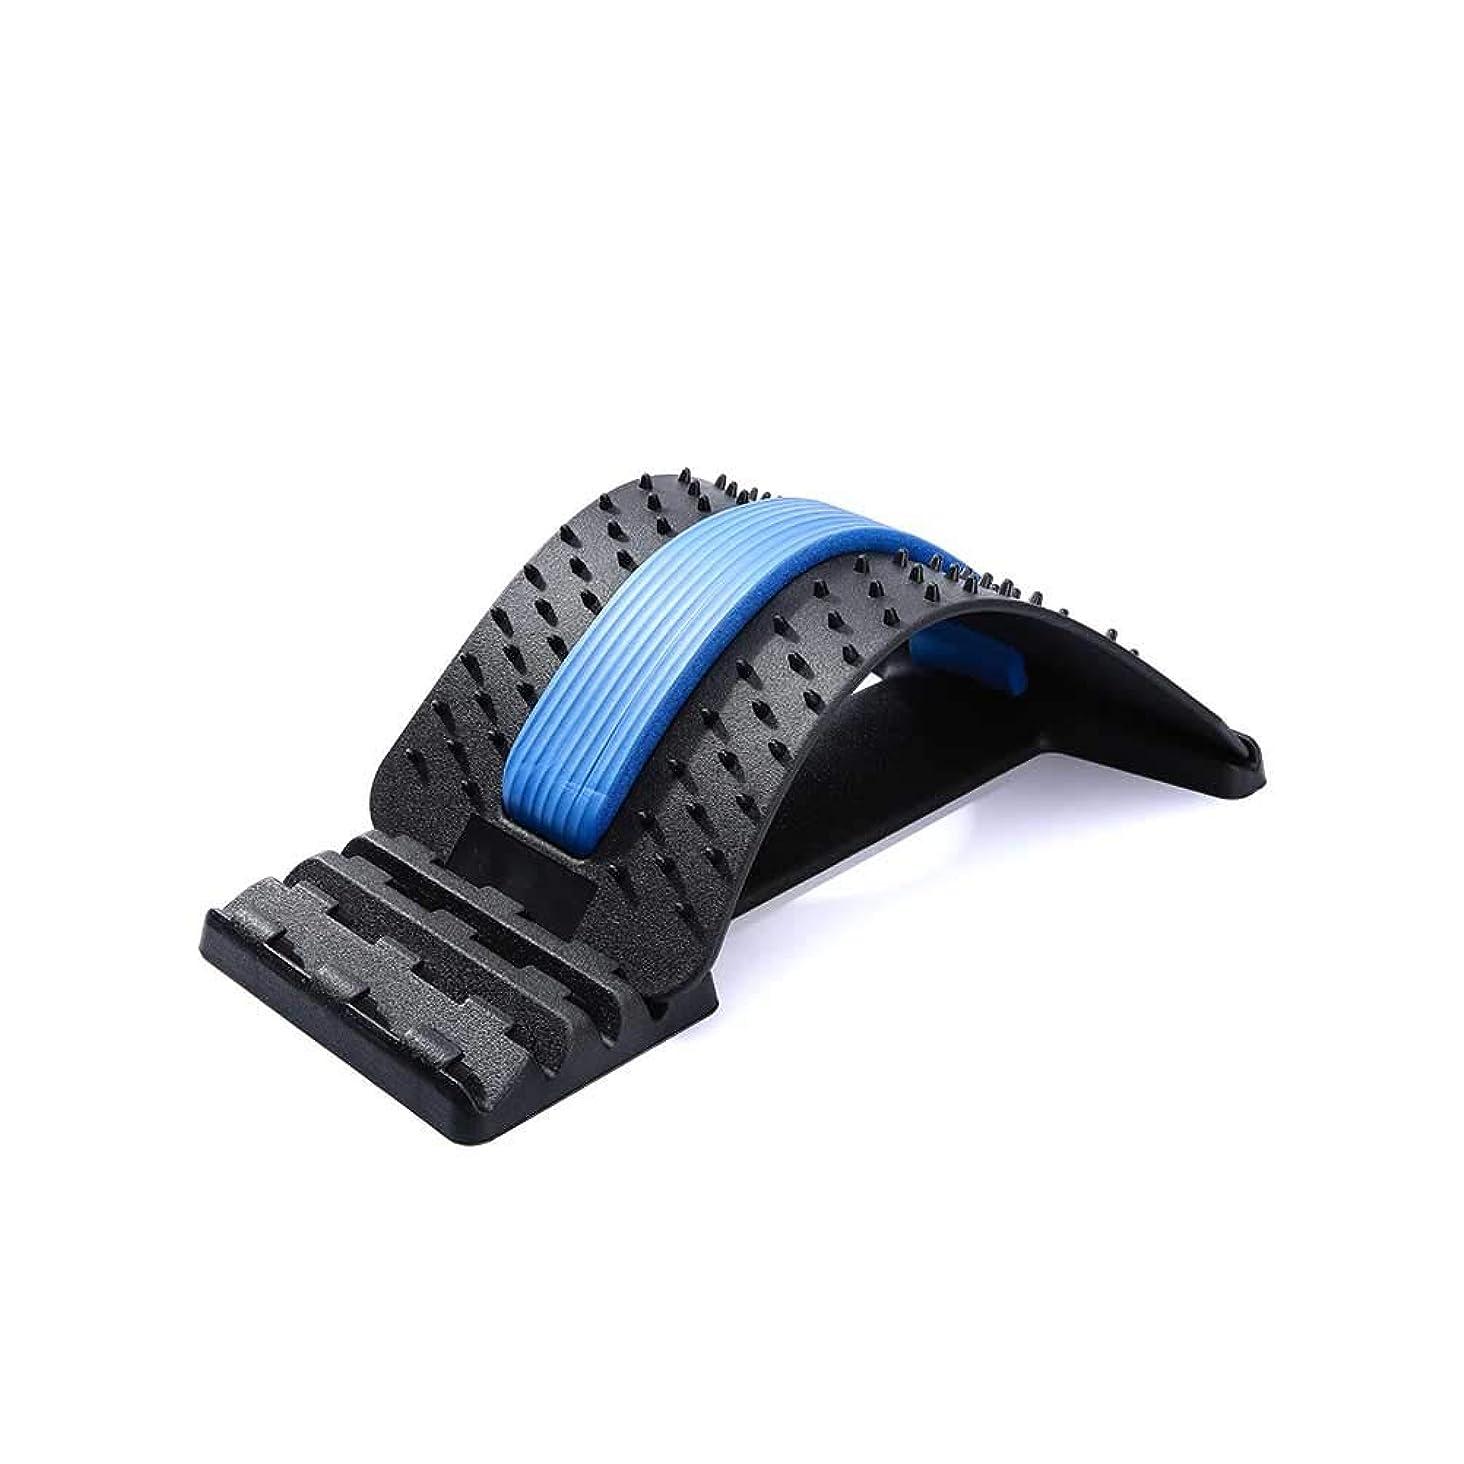 保護する札入れ経済的SUPVOXバックストレッチングデバイスバックマッサージャーランバーサポートストレッチャー脊椎の背中の痛み筋肉痛の緩和用オフィスチェア(ブラックブルー)